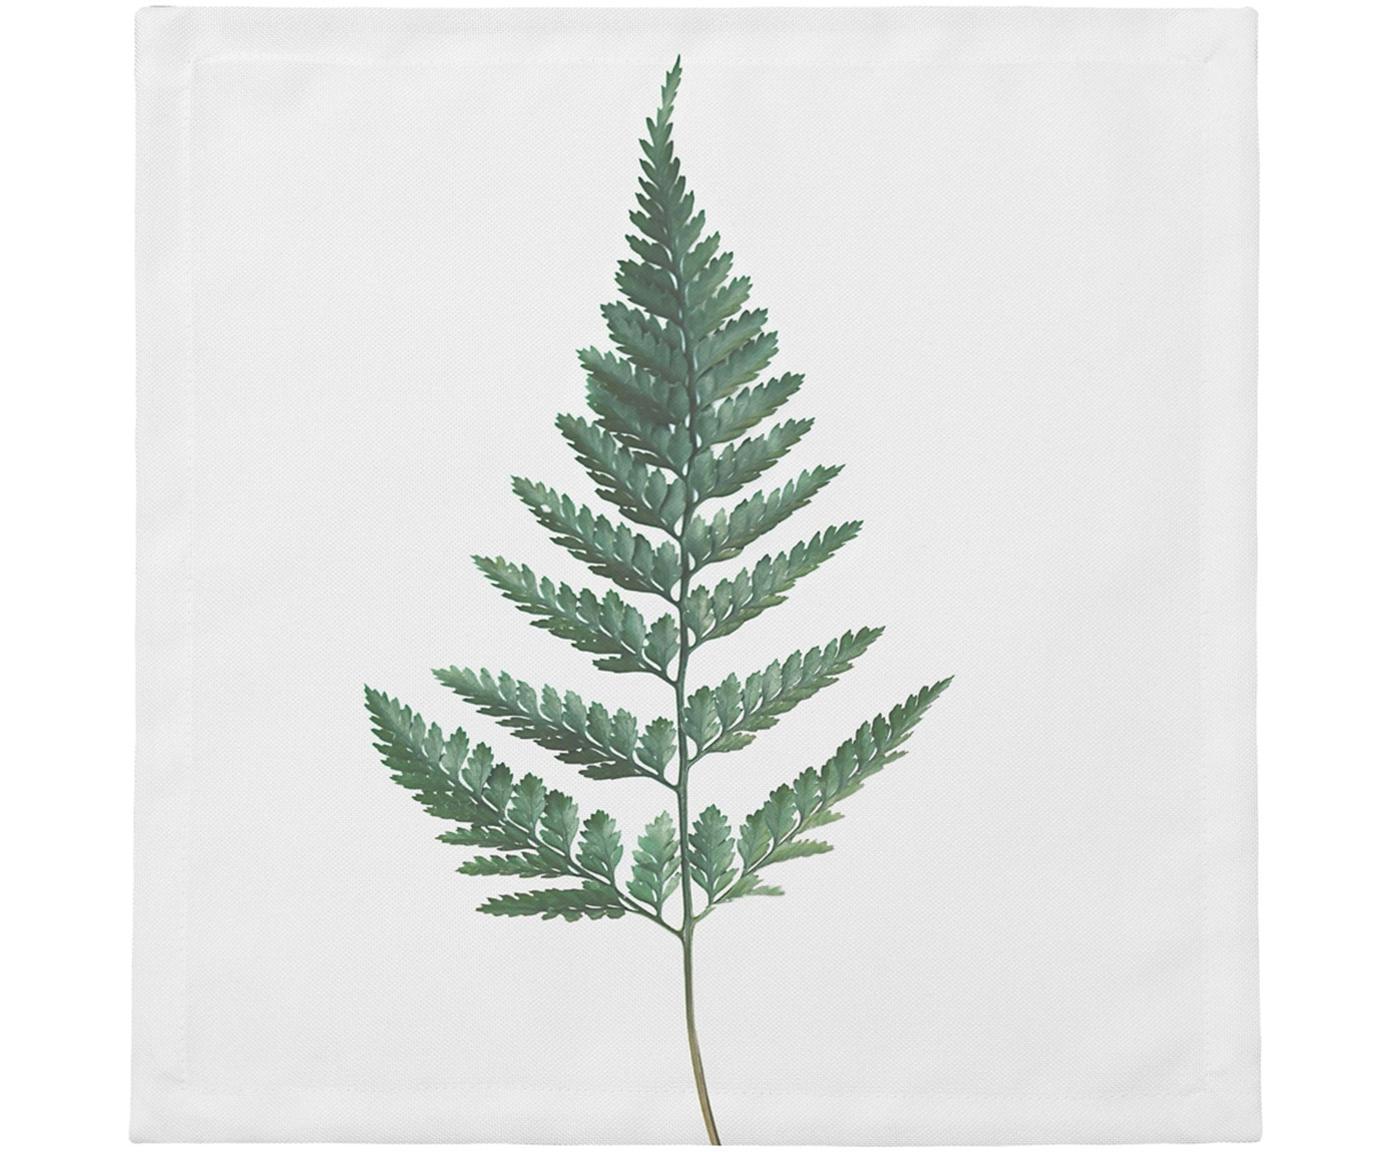 Serwetka z tkaniny Fern, 4 szt., Bawełna, Biały, zielony, S 40 x D 40 cm